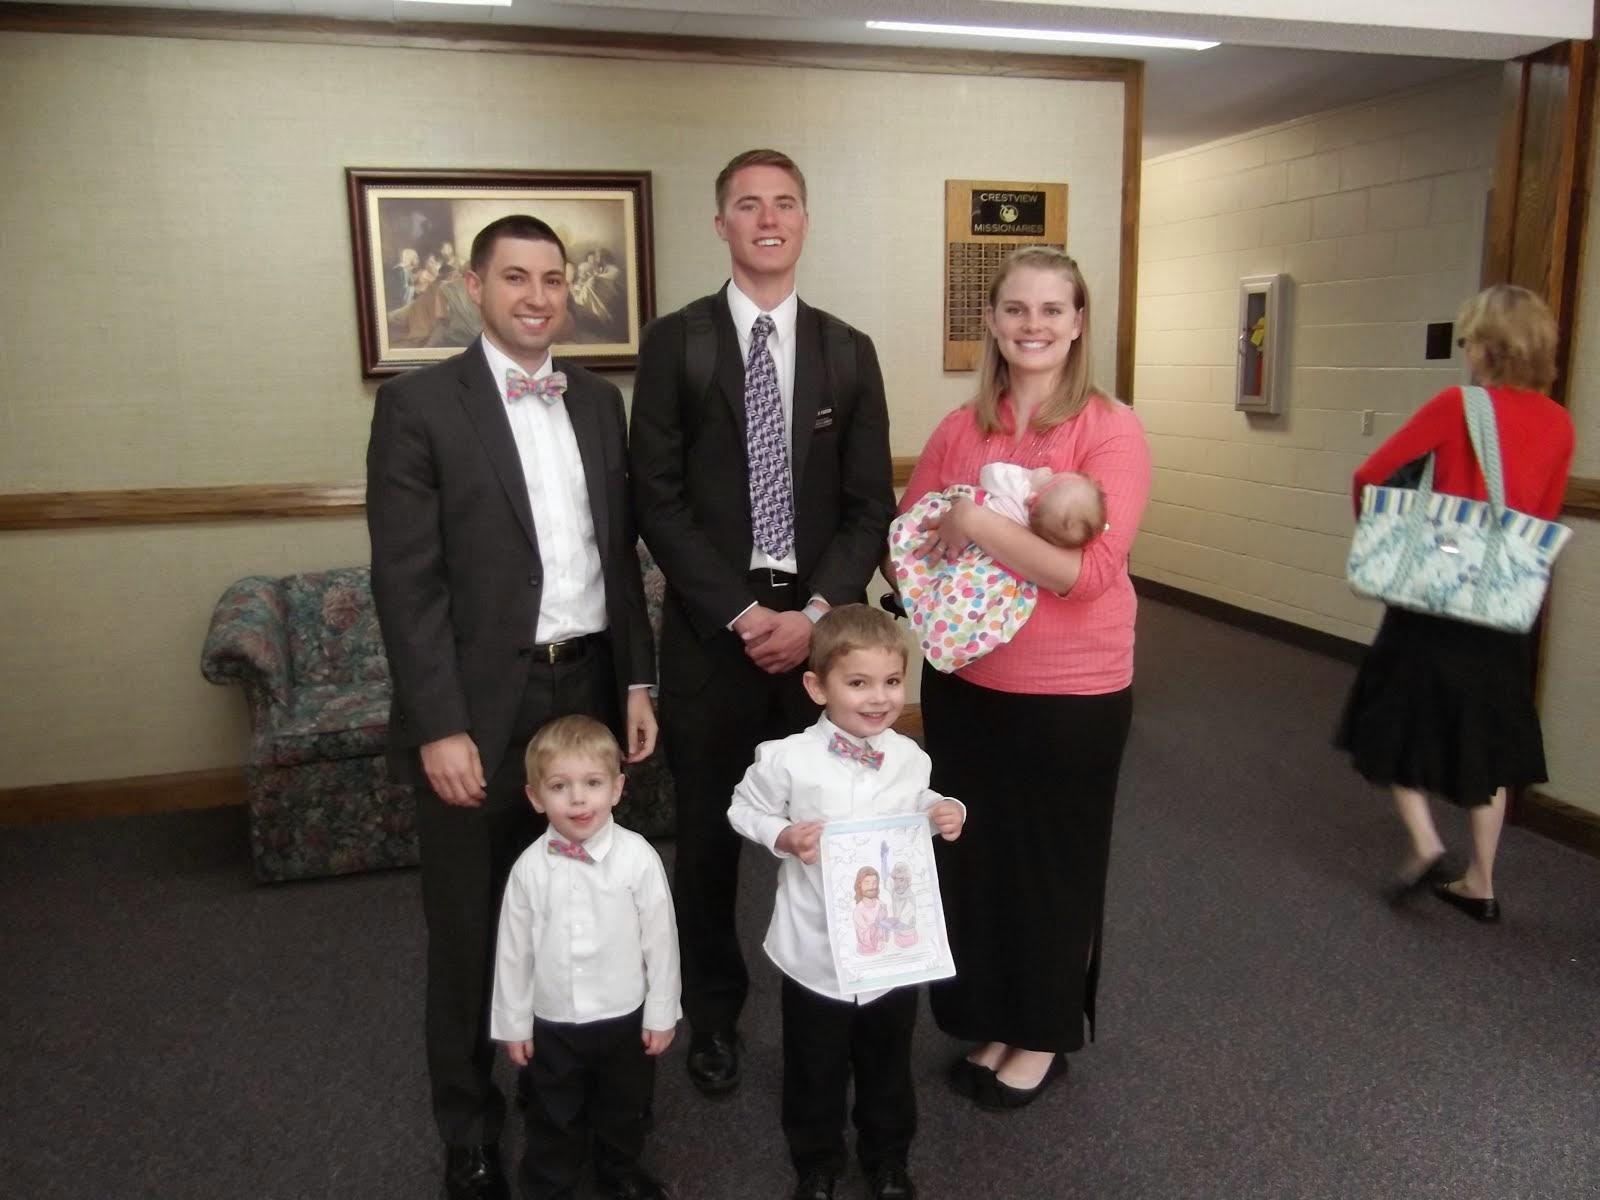 Climer Family